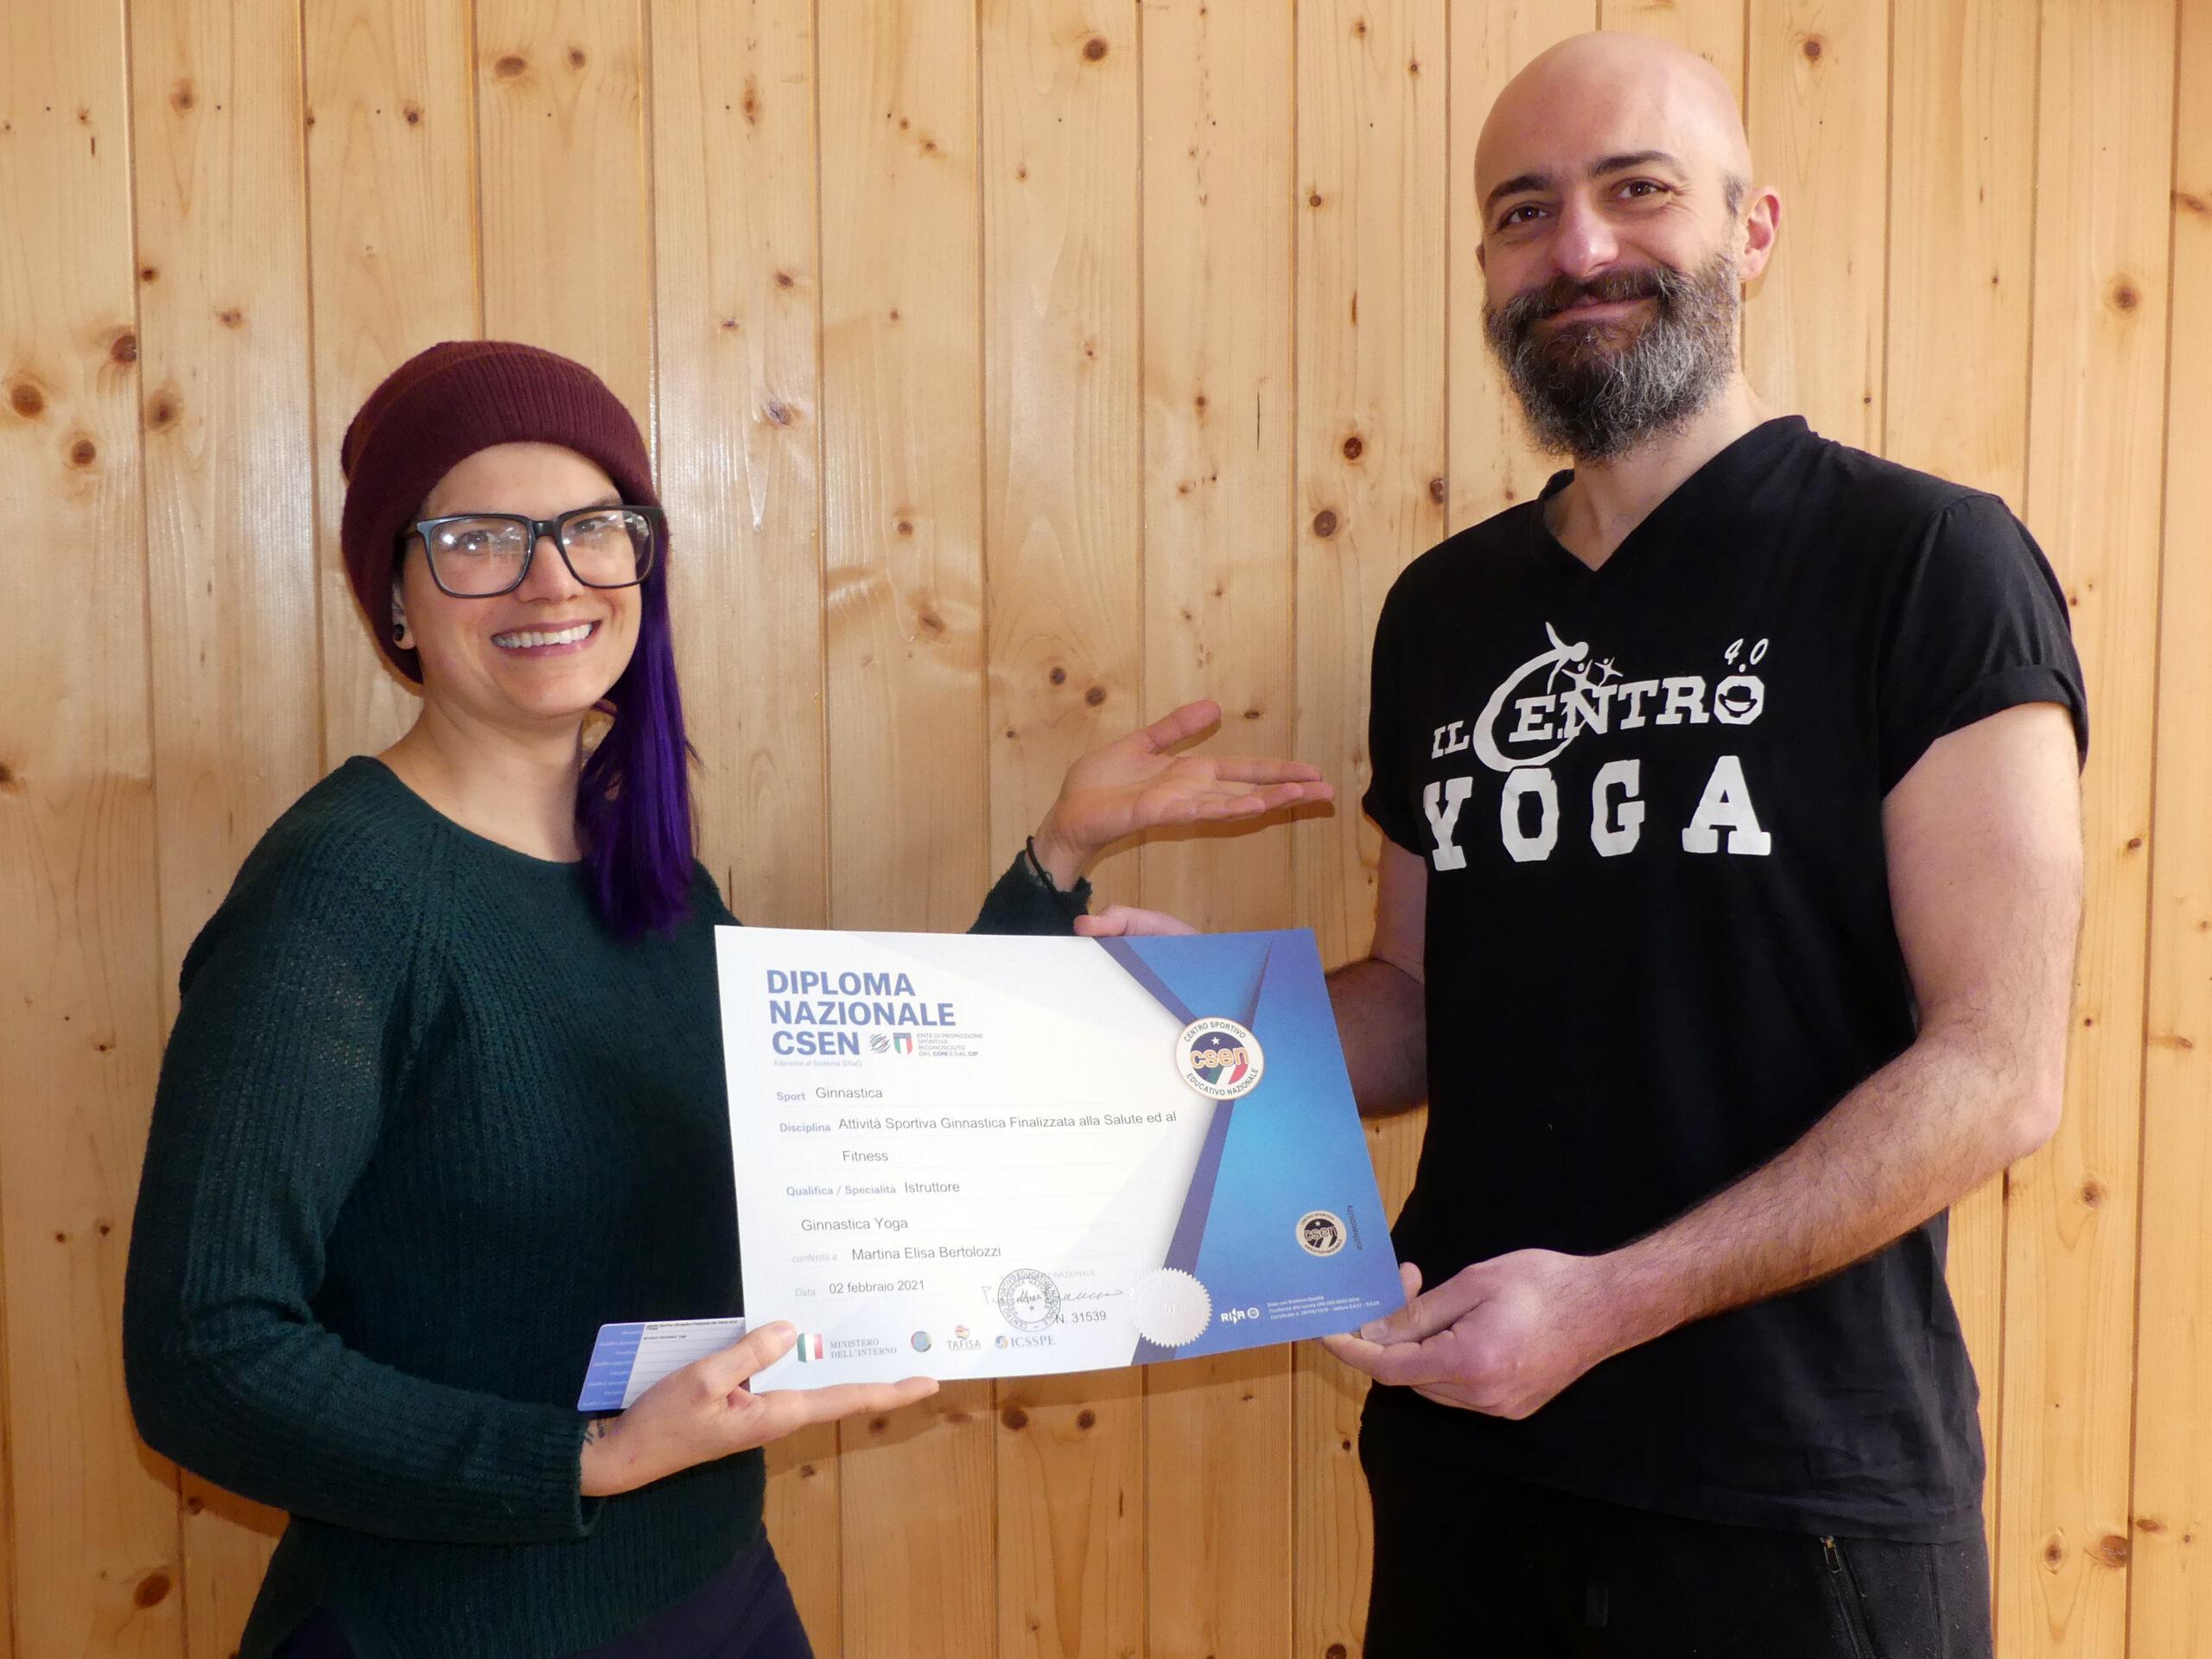 Guido baligioni martina elisa bertolozzi corso insegnanti yoga csen yoga alliance trasforma la tua passione in lavoro